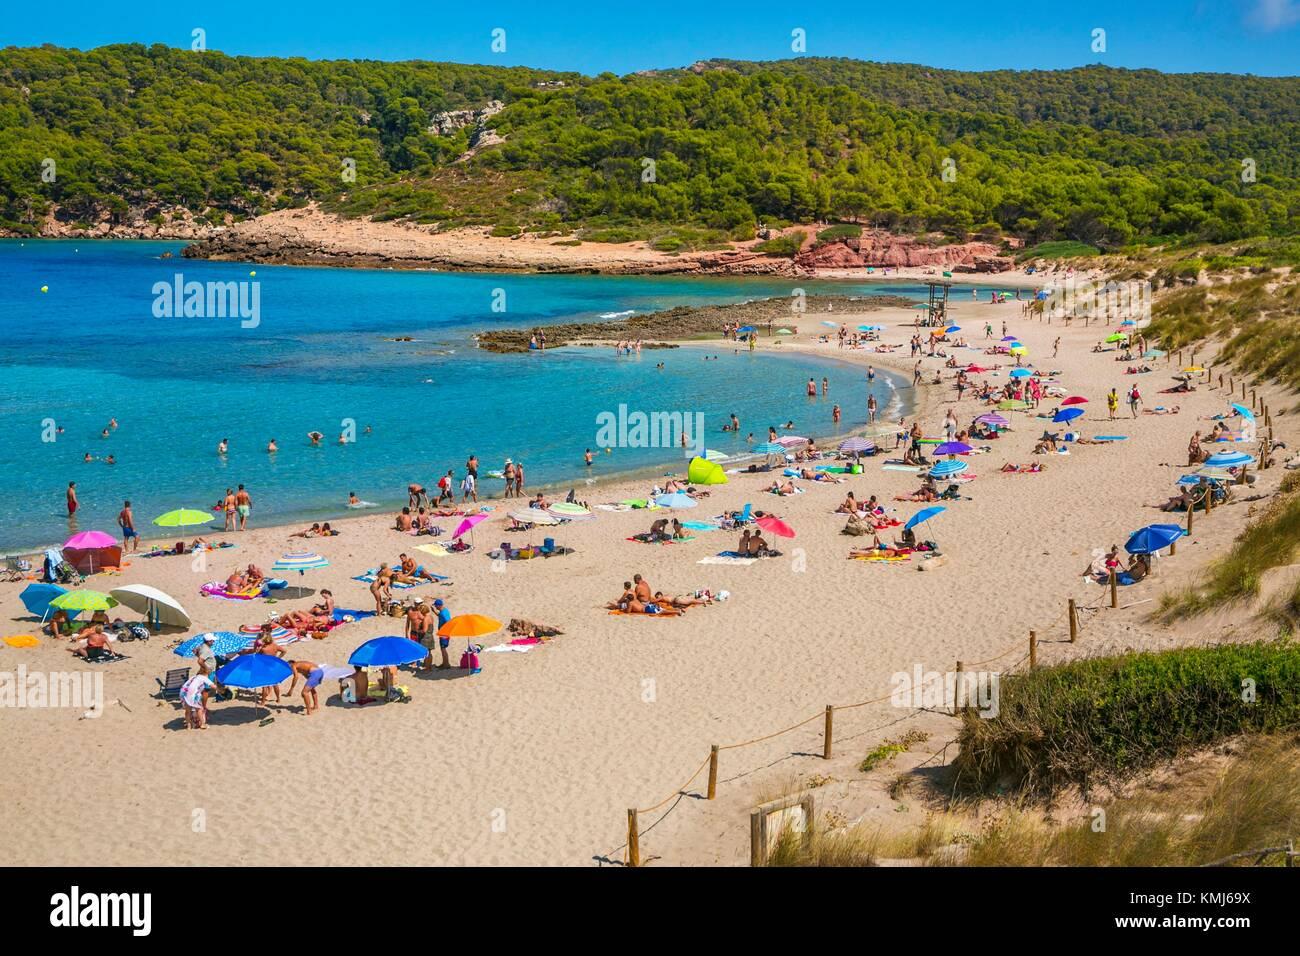 Playa de Cala Algaiarens. Es Tancats playa. El municipio de Ciutadella de Menorca. Menorca. Islas Baleares. España Imagen De Stock